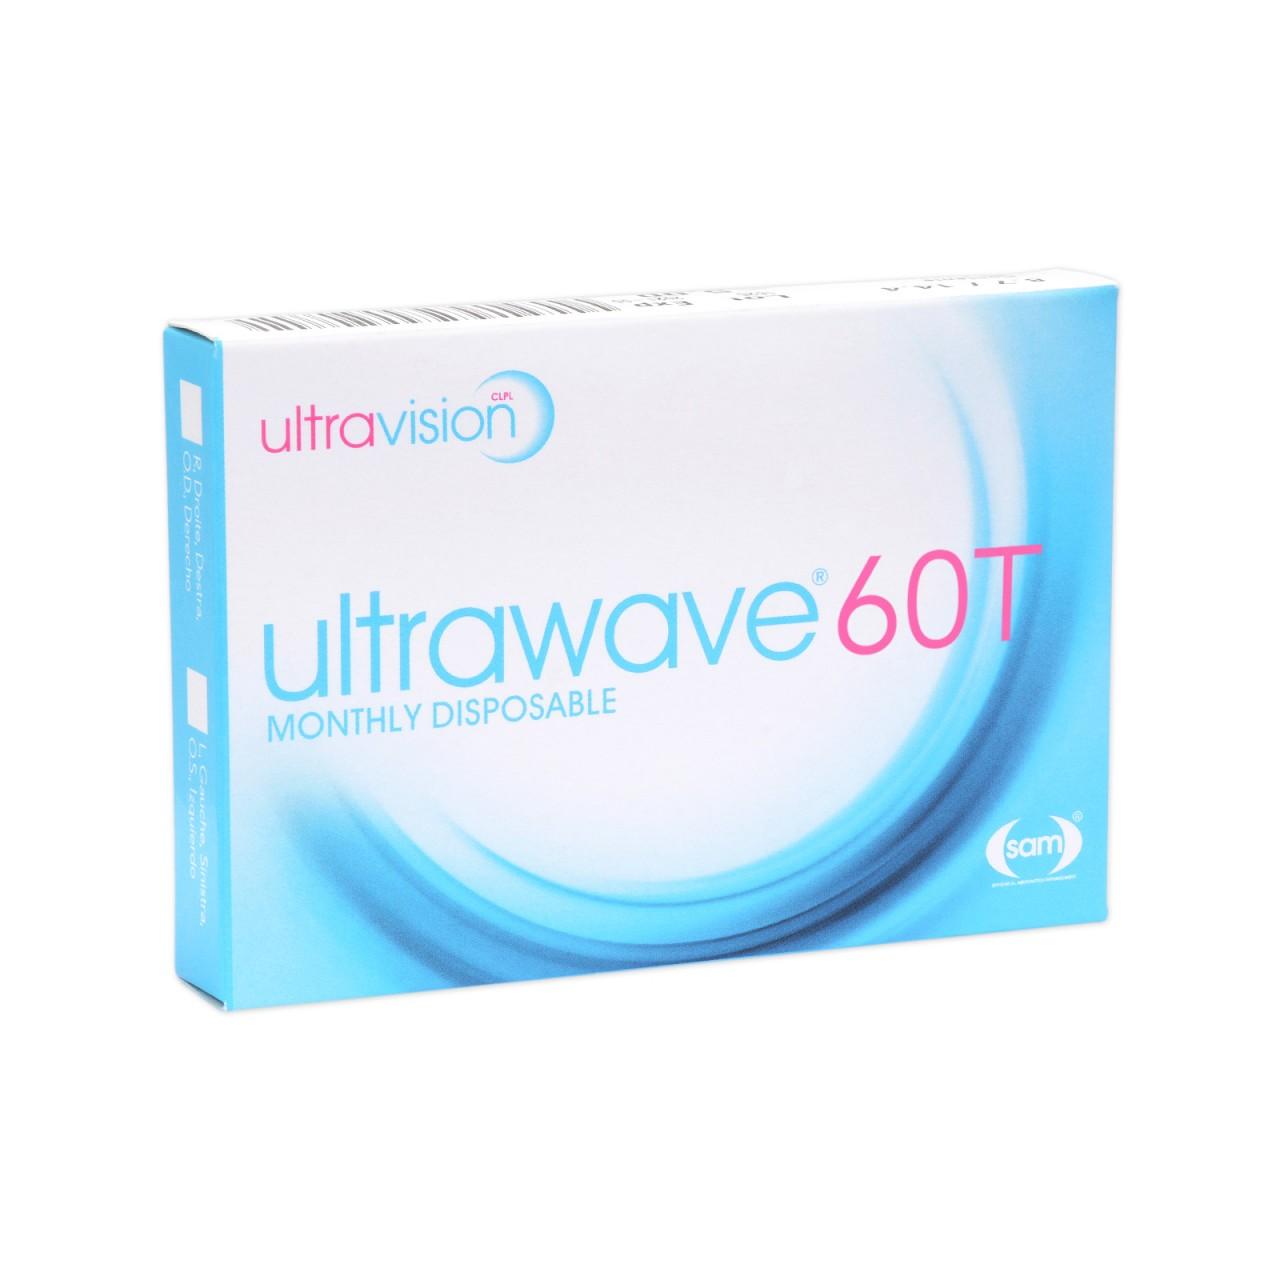 ultravision ultrawave toric 3er preisvergleich. Black Bedroom Furniture Sets. Home Design Ideas